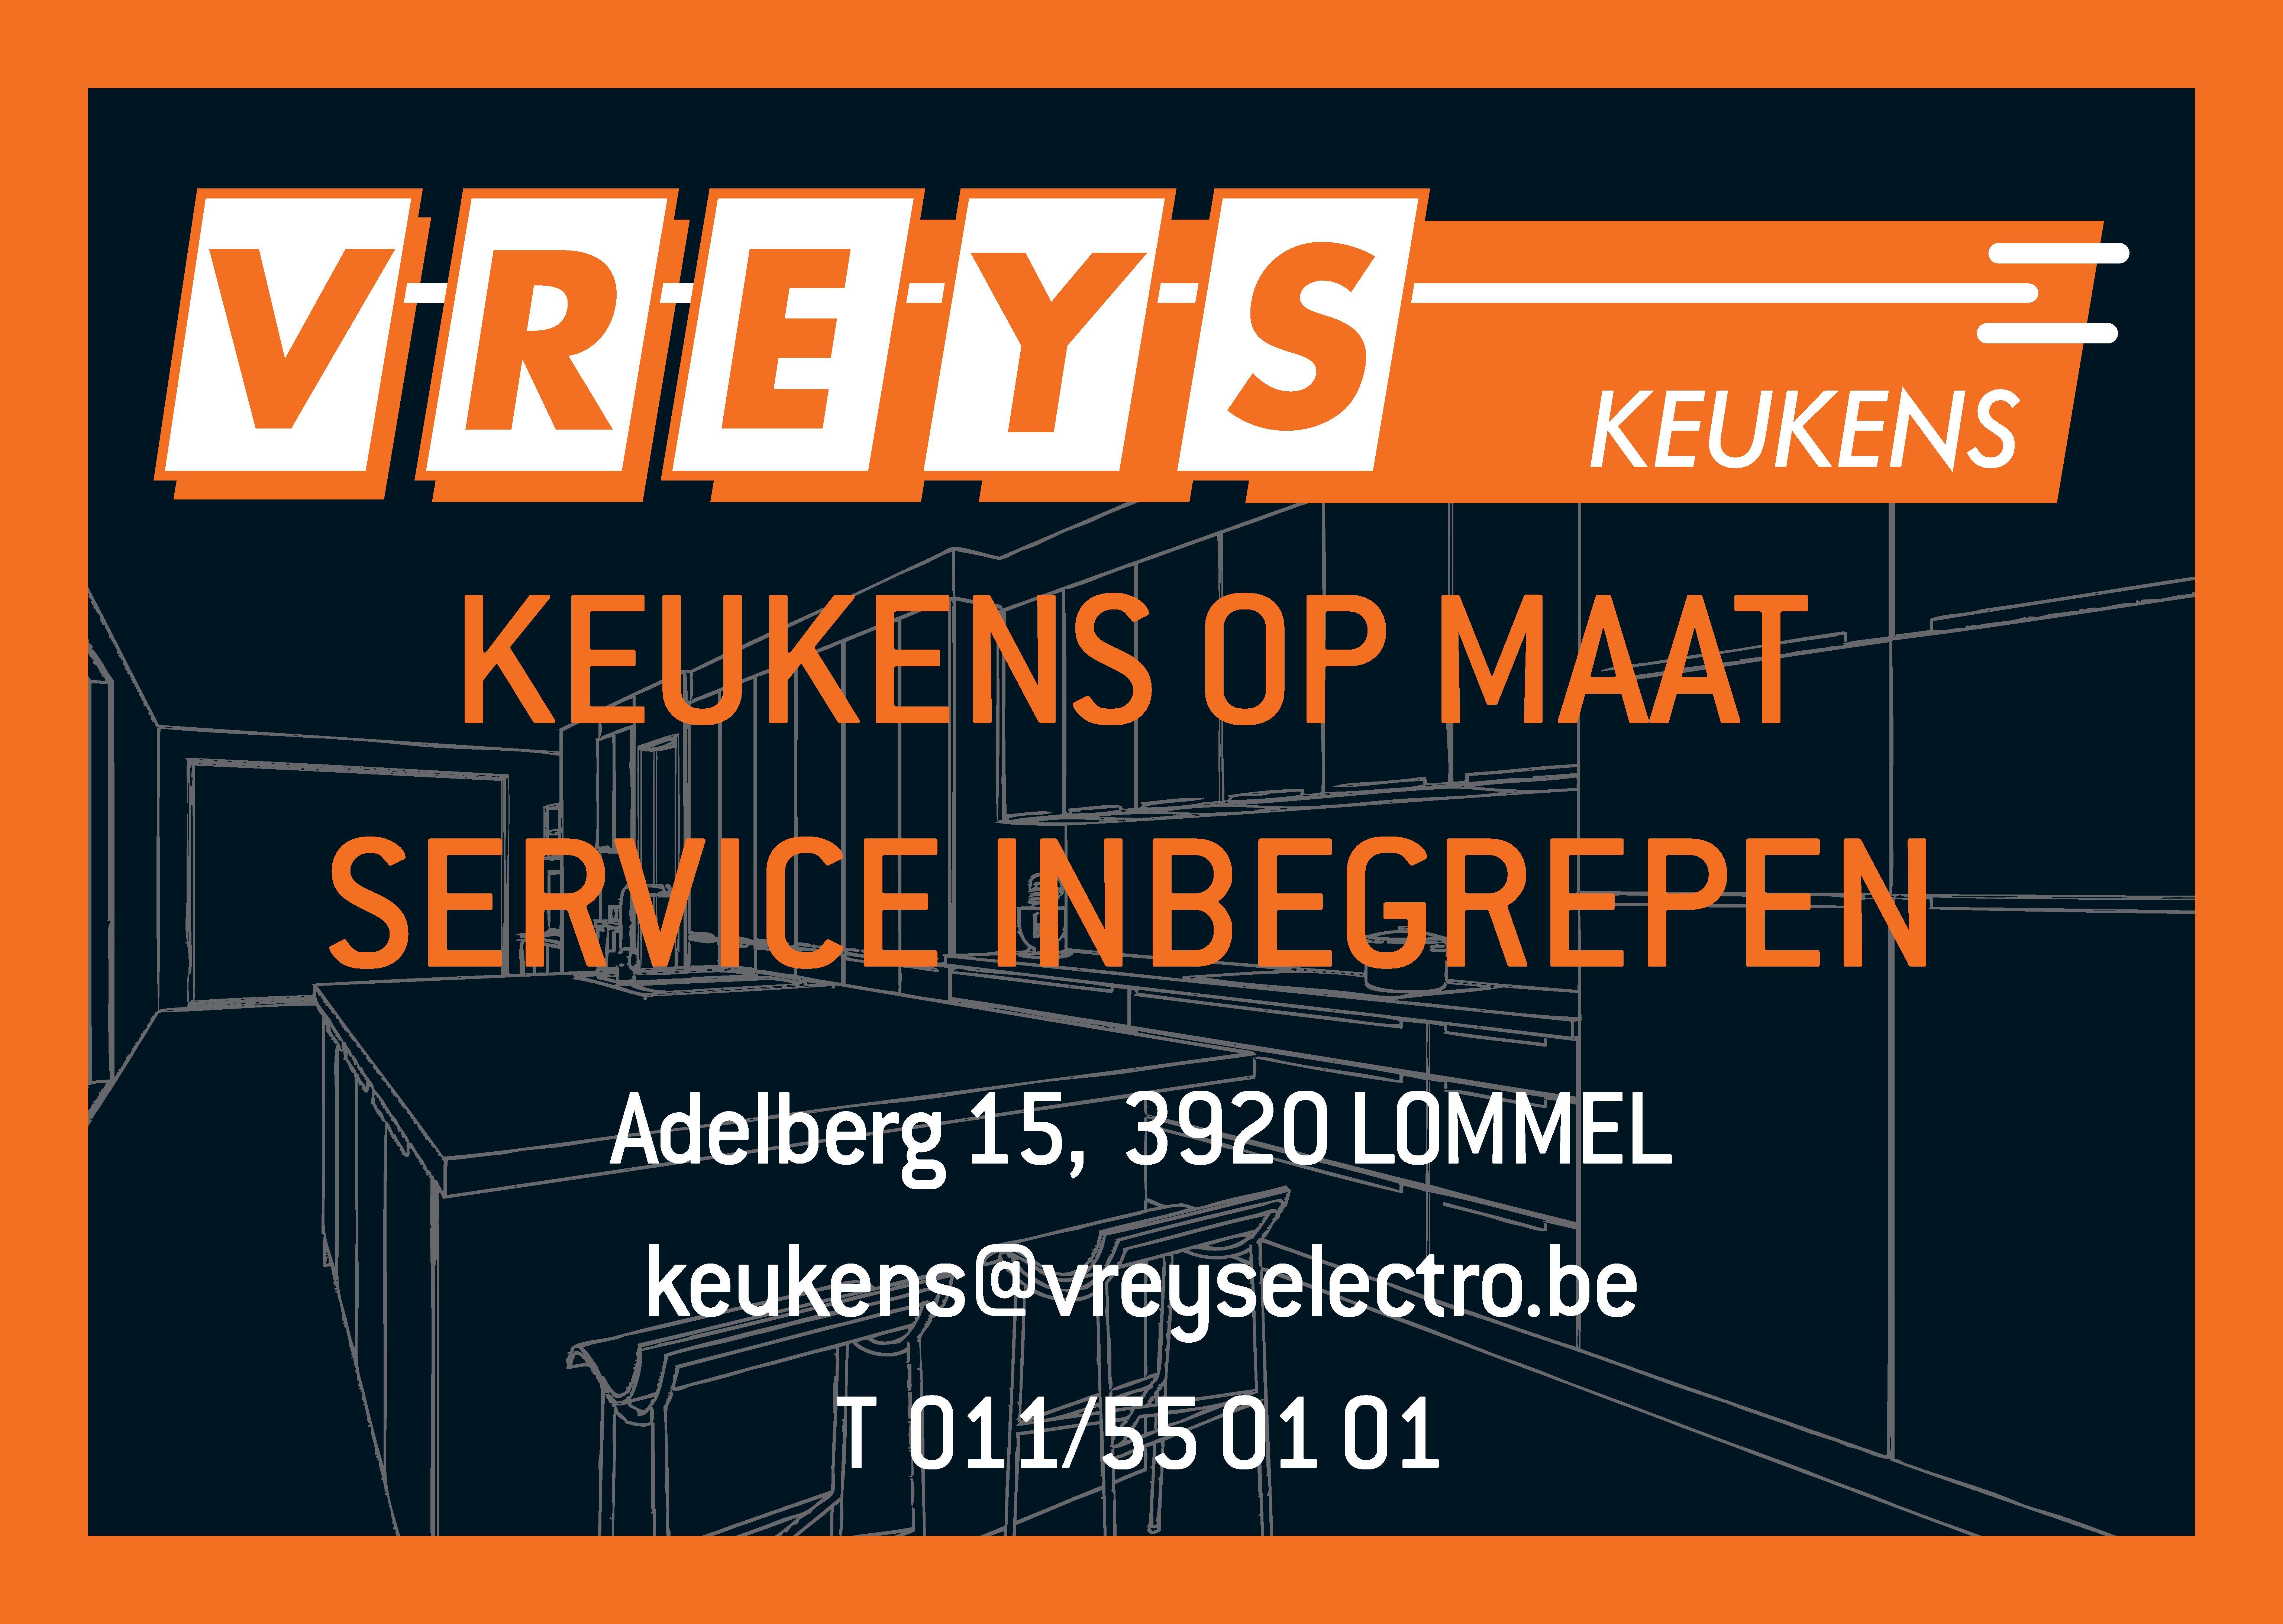 vreys_keukens_50x35cm-page-001